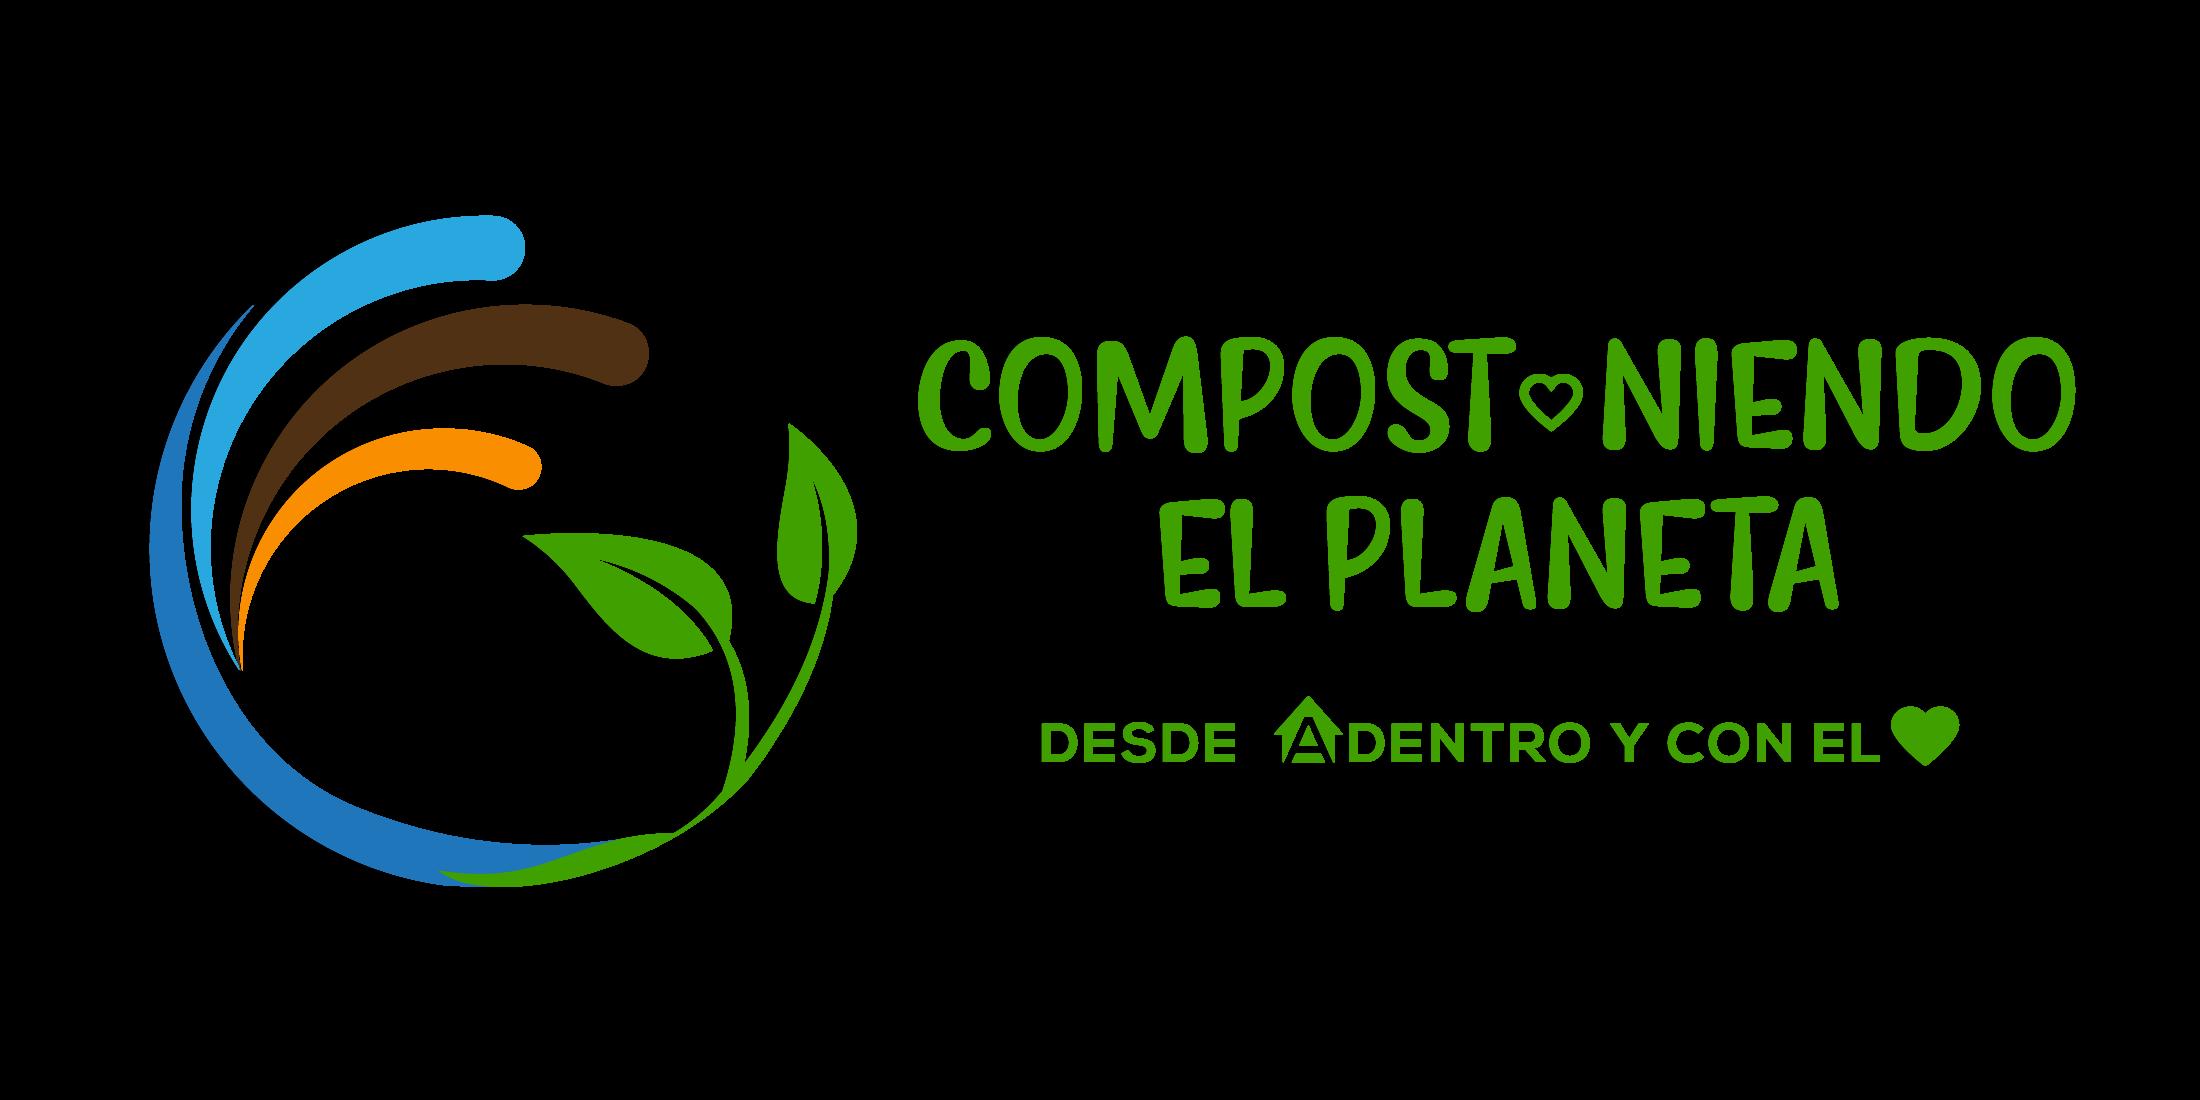 Curso de Huertos Orgánicos 🍅 en Casa 🏠  Donde Aprenderás:  🍀Preparación de la tierra o sustrato para huertos. 🍀Reproducción, semilleros y propagación de plantas 🍀Asociación de plantas en el huerto. 🍀Abono y nutrición de las plantas. 🍀Control de plagas sin químicos.  ¡Entra al curso aquí!  https://viverolandia.com/curso-virtual-en-vivo-de-huertos-organicos-en-casa/